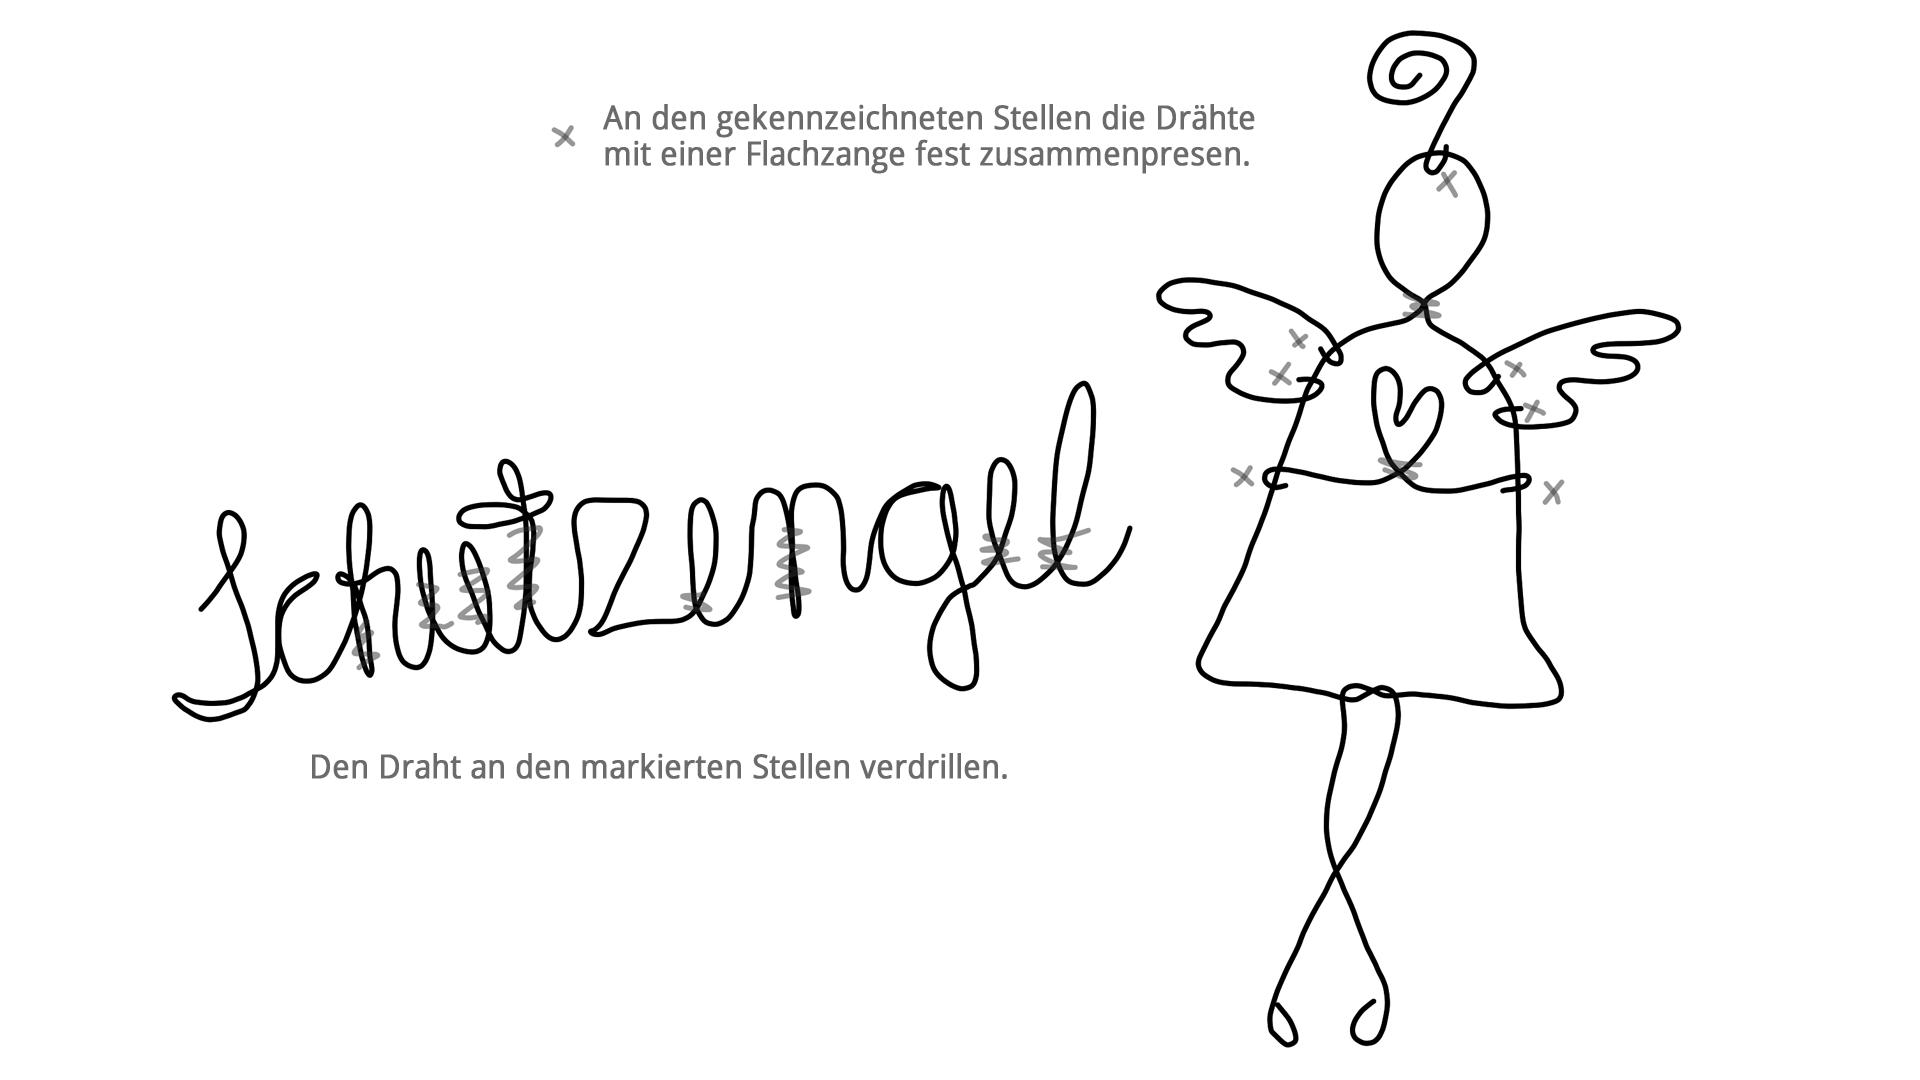 4 Holz Engel Bandsaege Vorlage Christmas